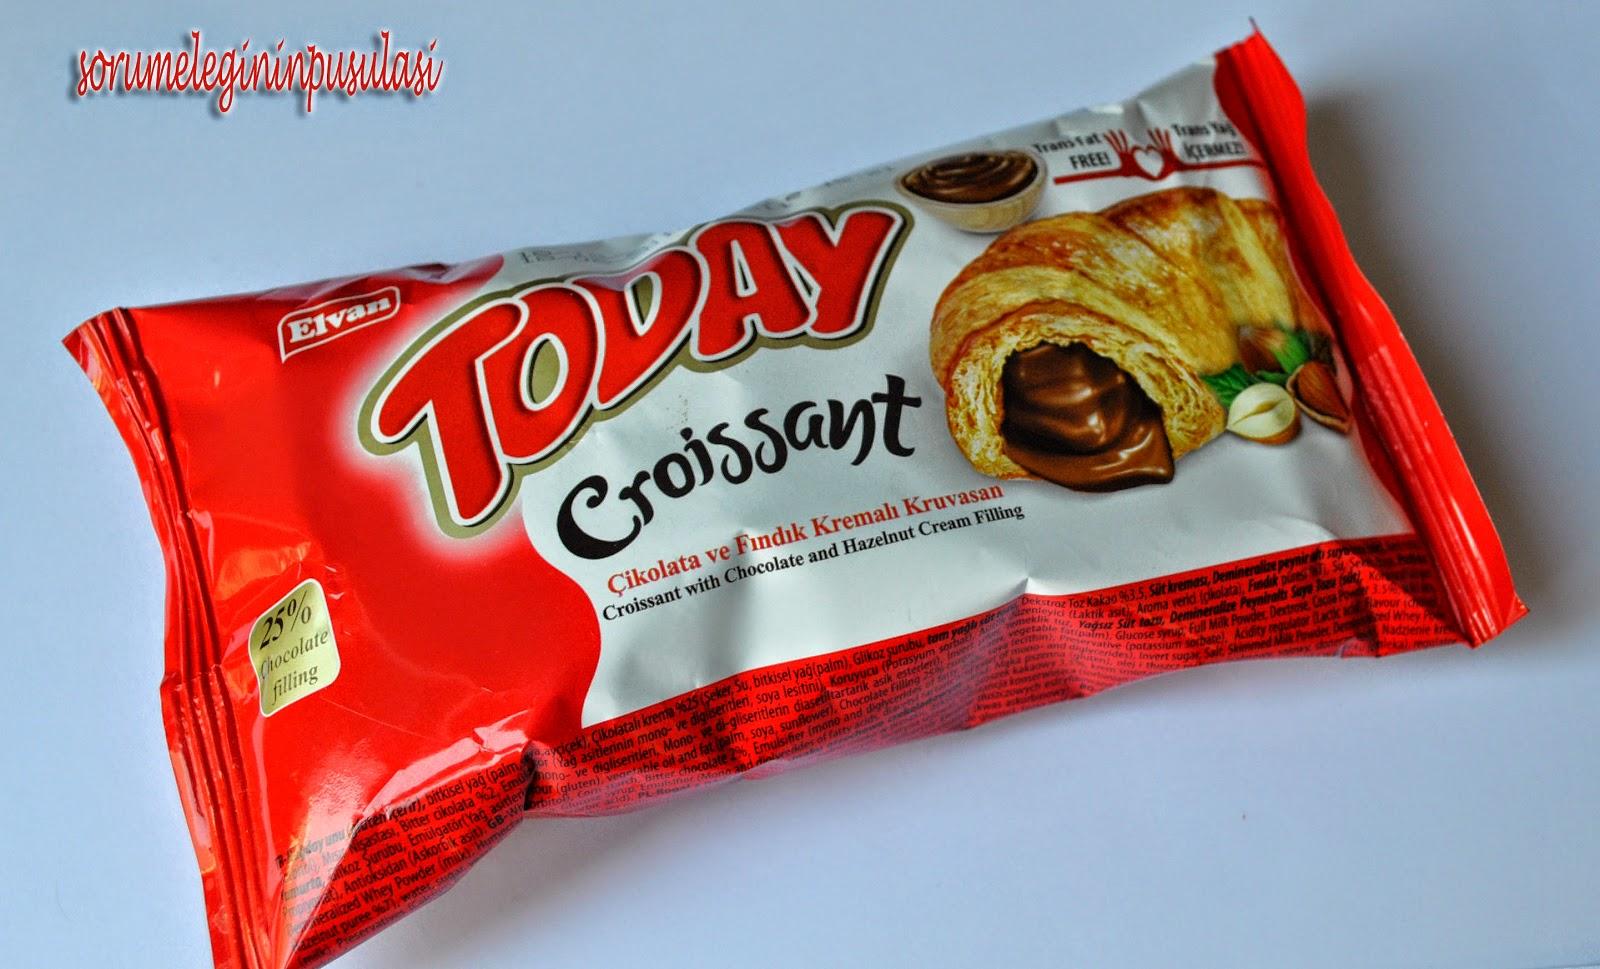 yemek-elvan-kruvasan-croissant- fikrimühim-today-todaycroissant-yemek-cikolata-chocalate-sorumelegininpusulasi